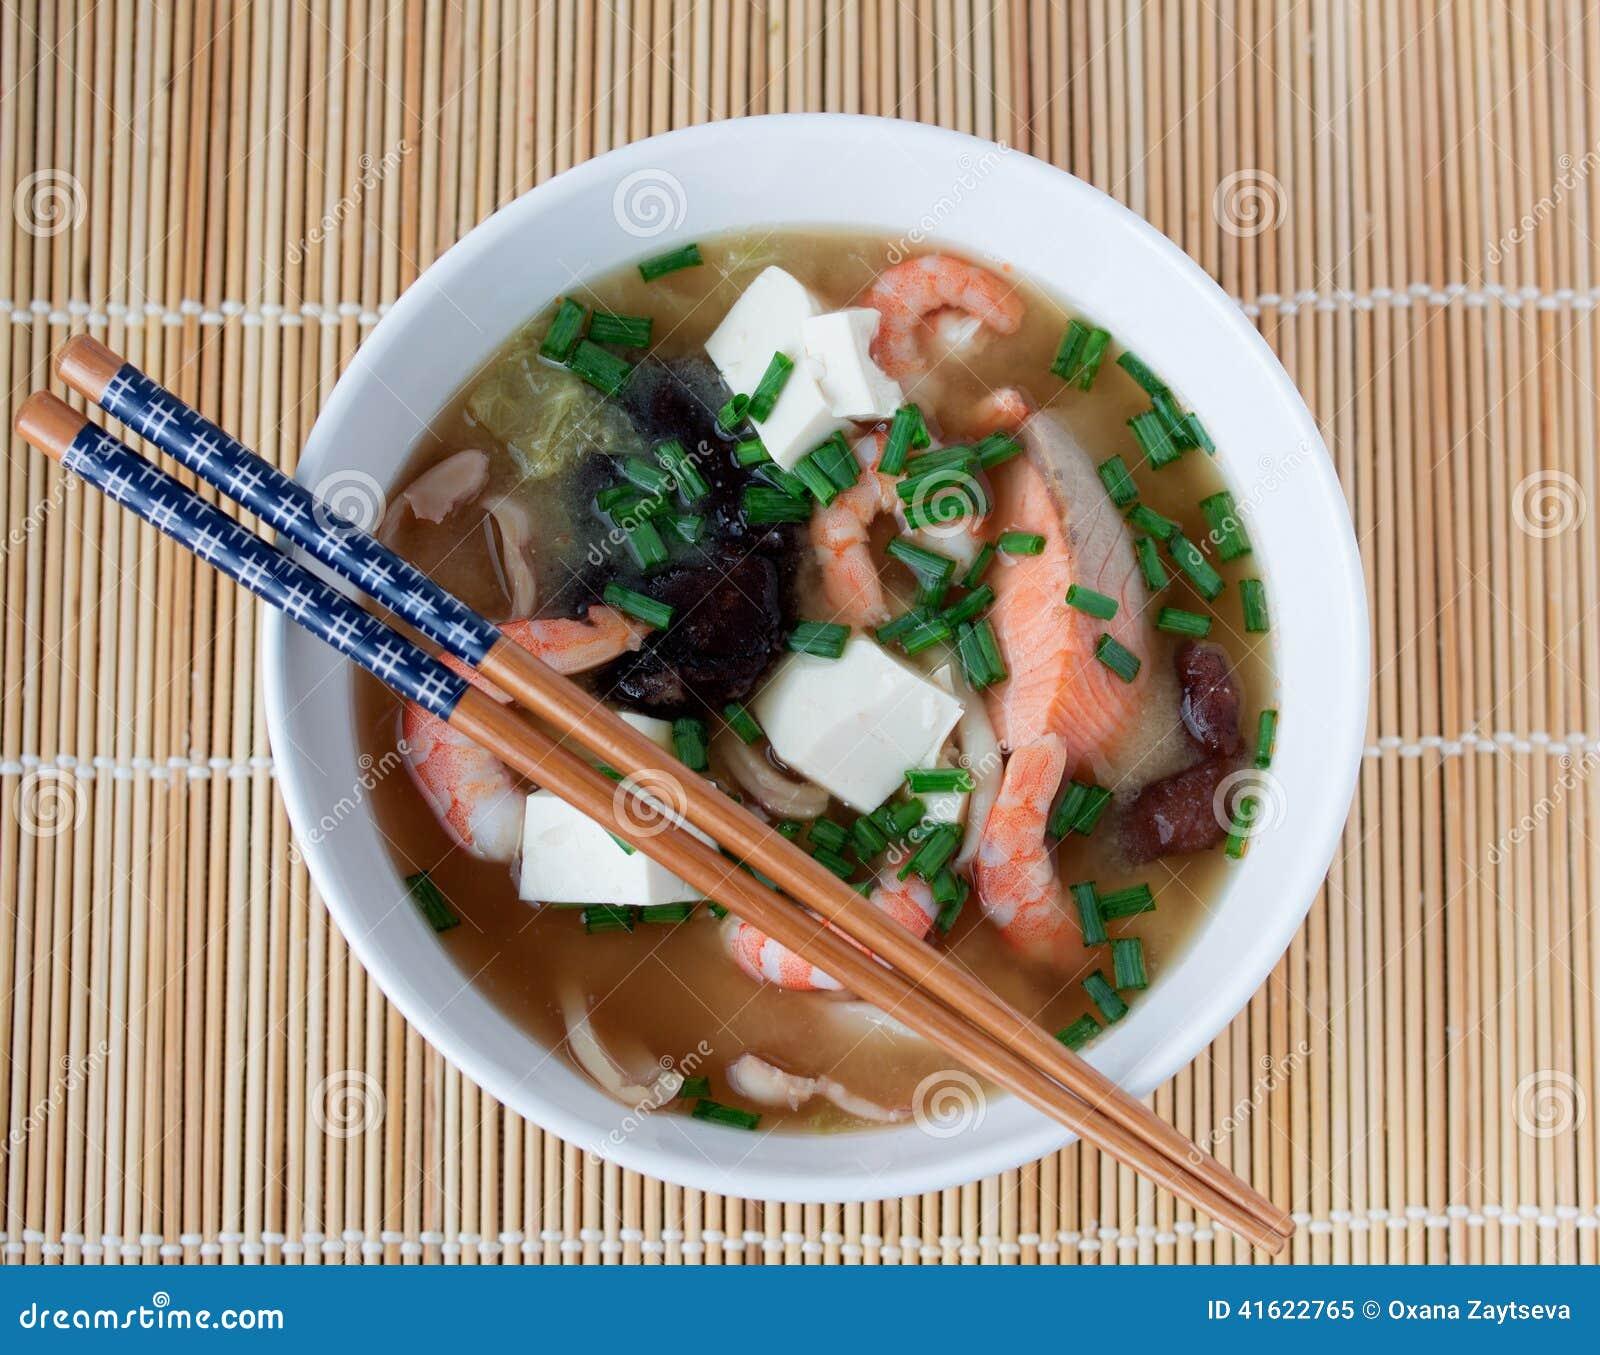 Nabe (Yosenabe/Japanese Hot Pot) Recipes — Dishmaps